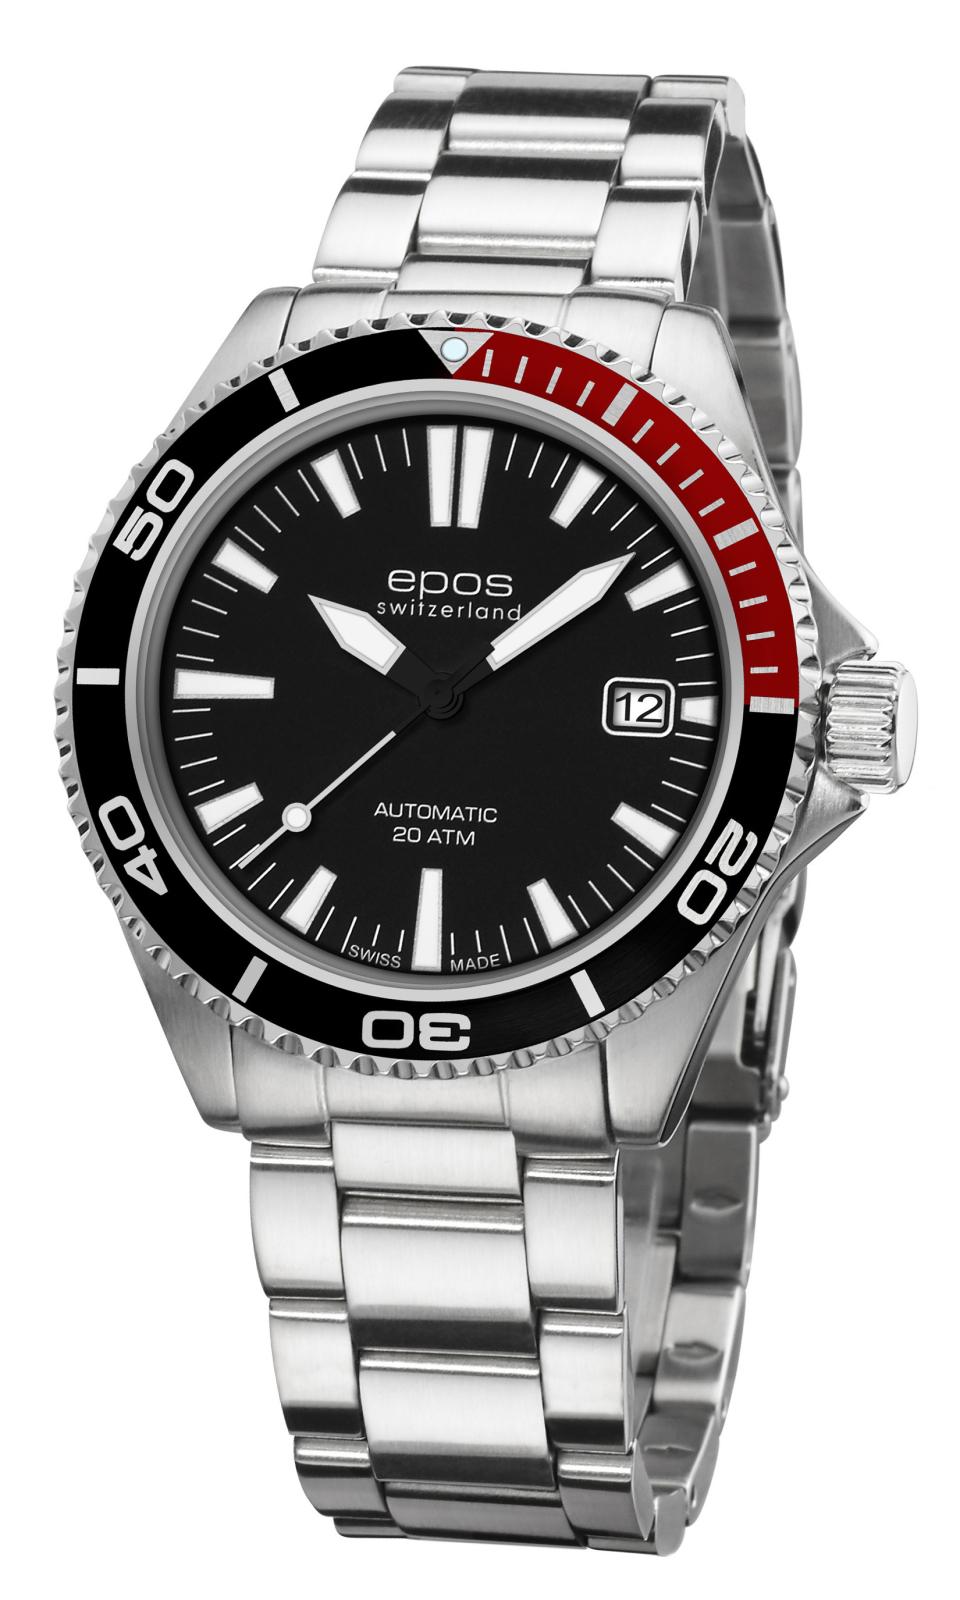 Epos Sophistiquee 3413.131.91.15.30Наручные часы<br>Швейцарские часы Epos Sophistiquee 3413.131.91.15.30Представленная модель входит в коллекцию Sophistiquee. Это модные мужские часы. Материал корпуса часов — сталь. В этой модели стоит сапфировое стекло. Водозащита этих часов 200 м. Циферблат модели содержит часы, секунды. В этой модели используются такие усложнения как дата, . Размер данной модели 41мм.<br><br>Для кого?: Мужские<br>Страна-производитель: Швейцария<br>Механизм: Механический<br>Материал корпуса: Сталь<br>Материал ремня/браслета: Сталь<br>Водозащита, диапазон: 200 - 800 м<br>Стекло: Сапфировое<br>Толщина корпуса: 11 мм<br>Стиль: Спорт